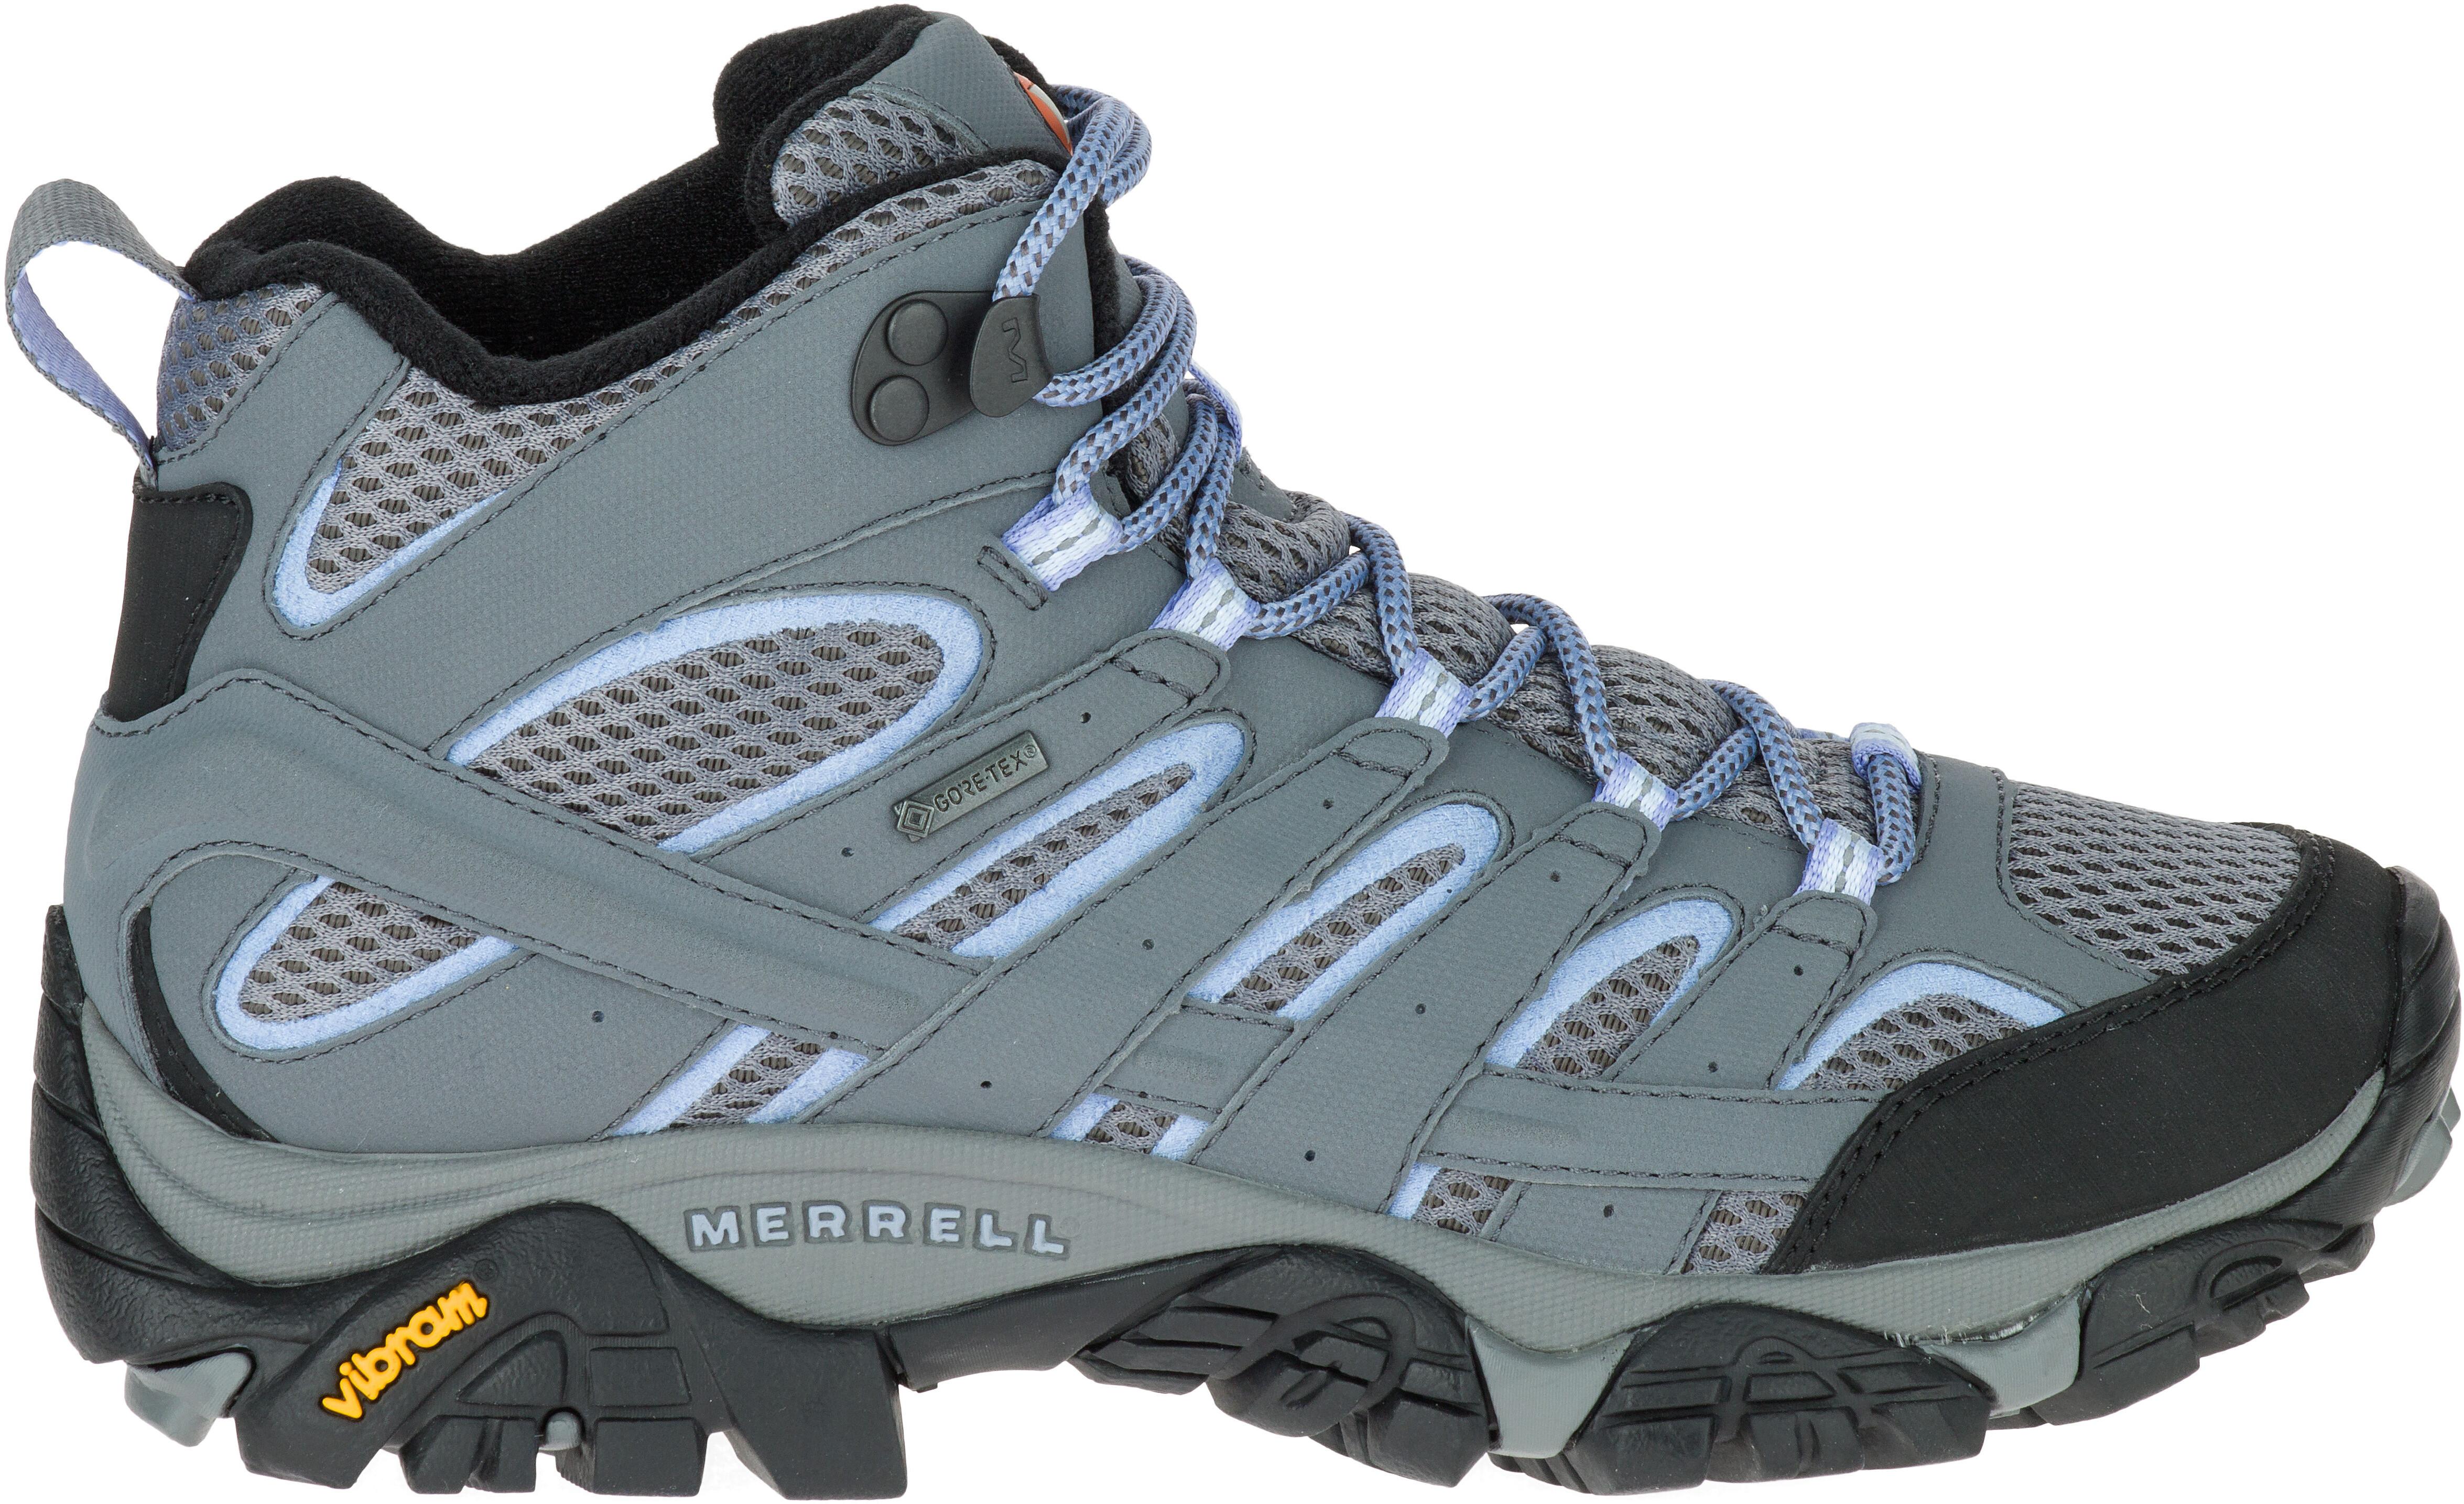 Merrell Moab 2 MID GTX Naiset kengät  4190795cce